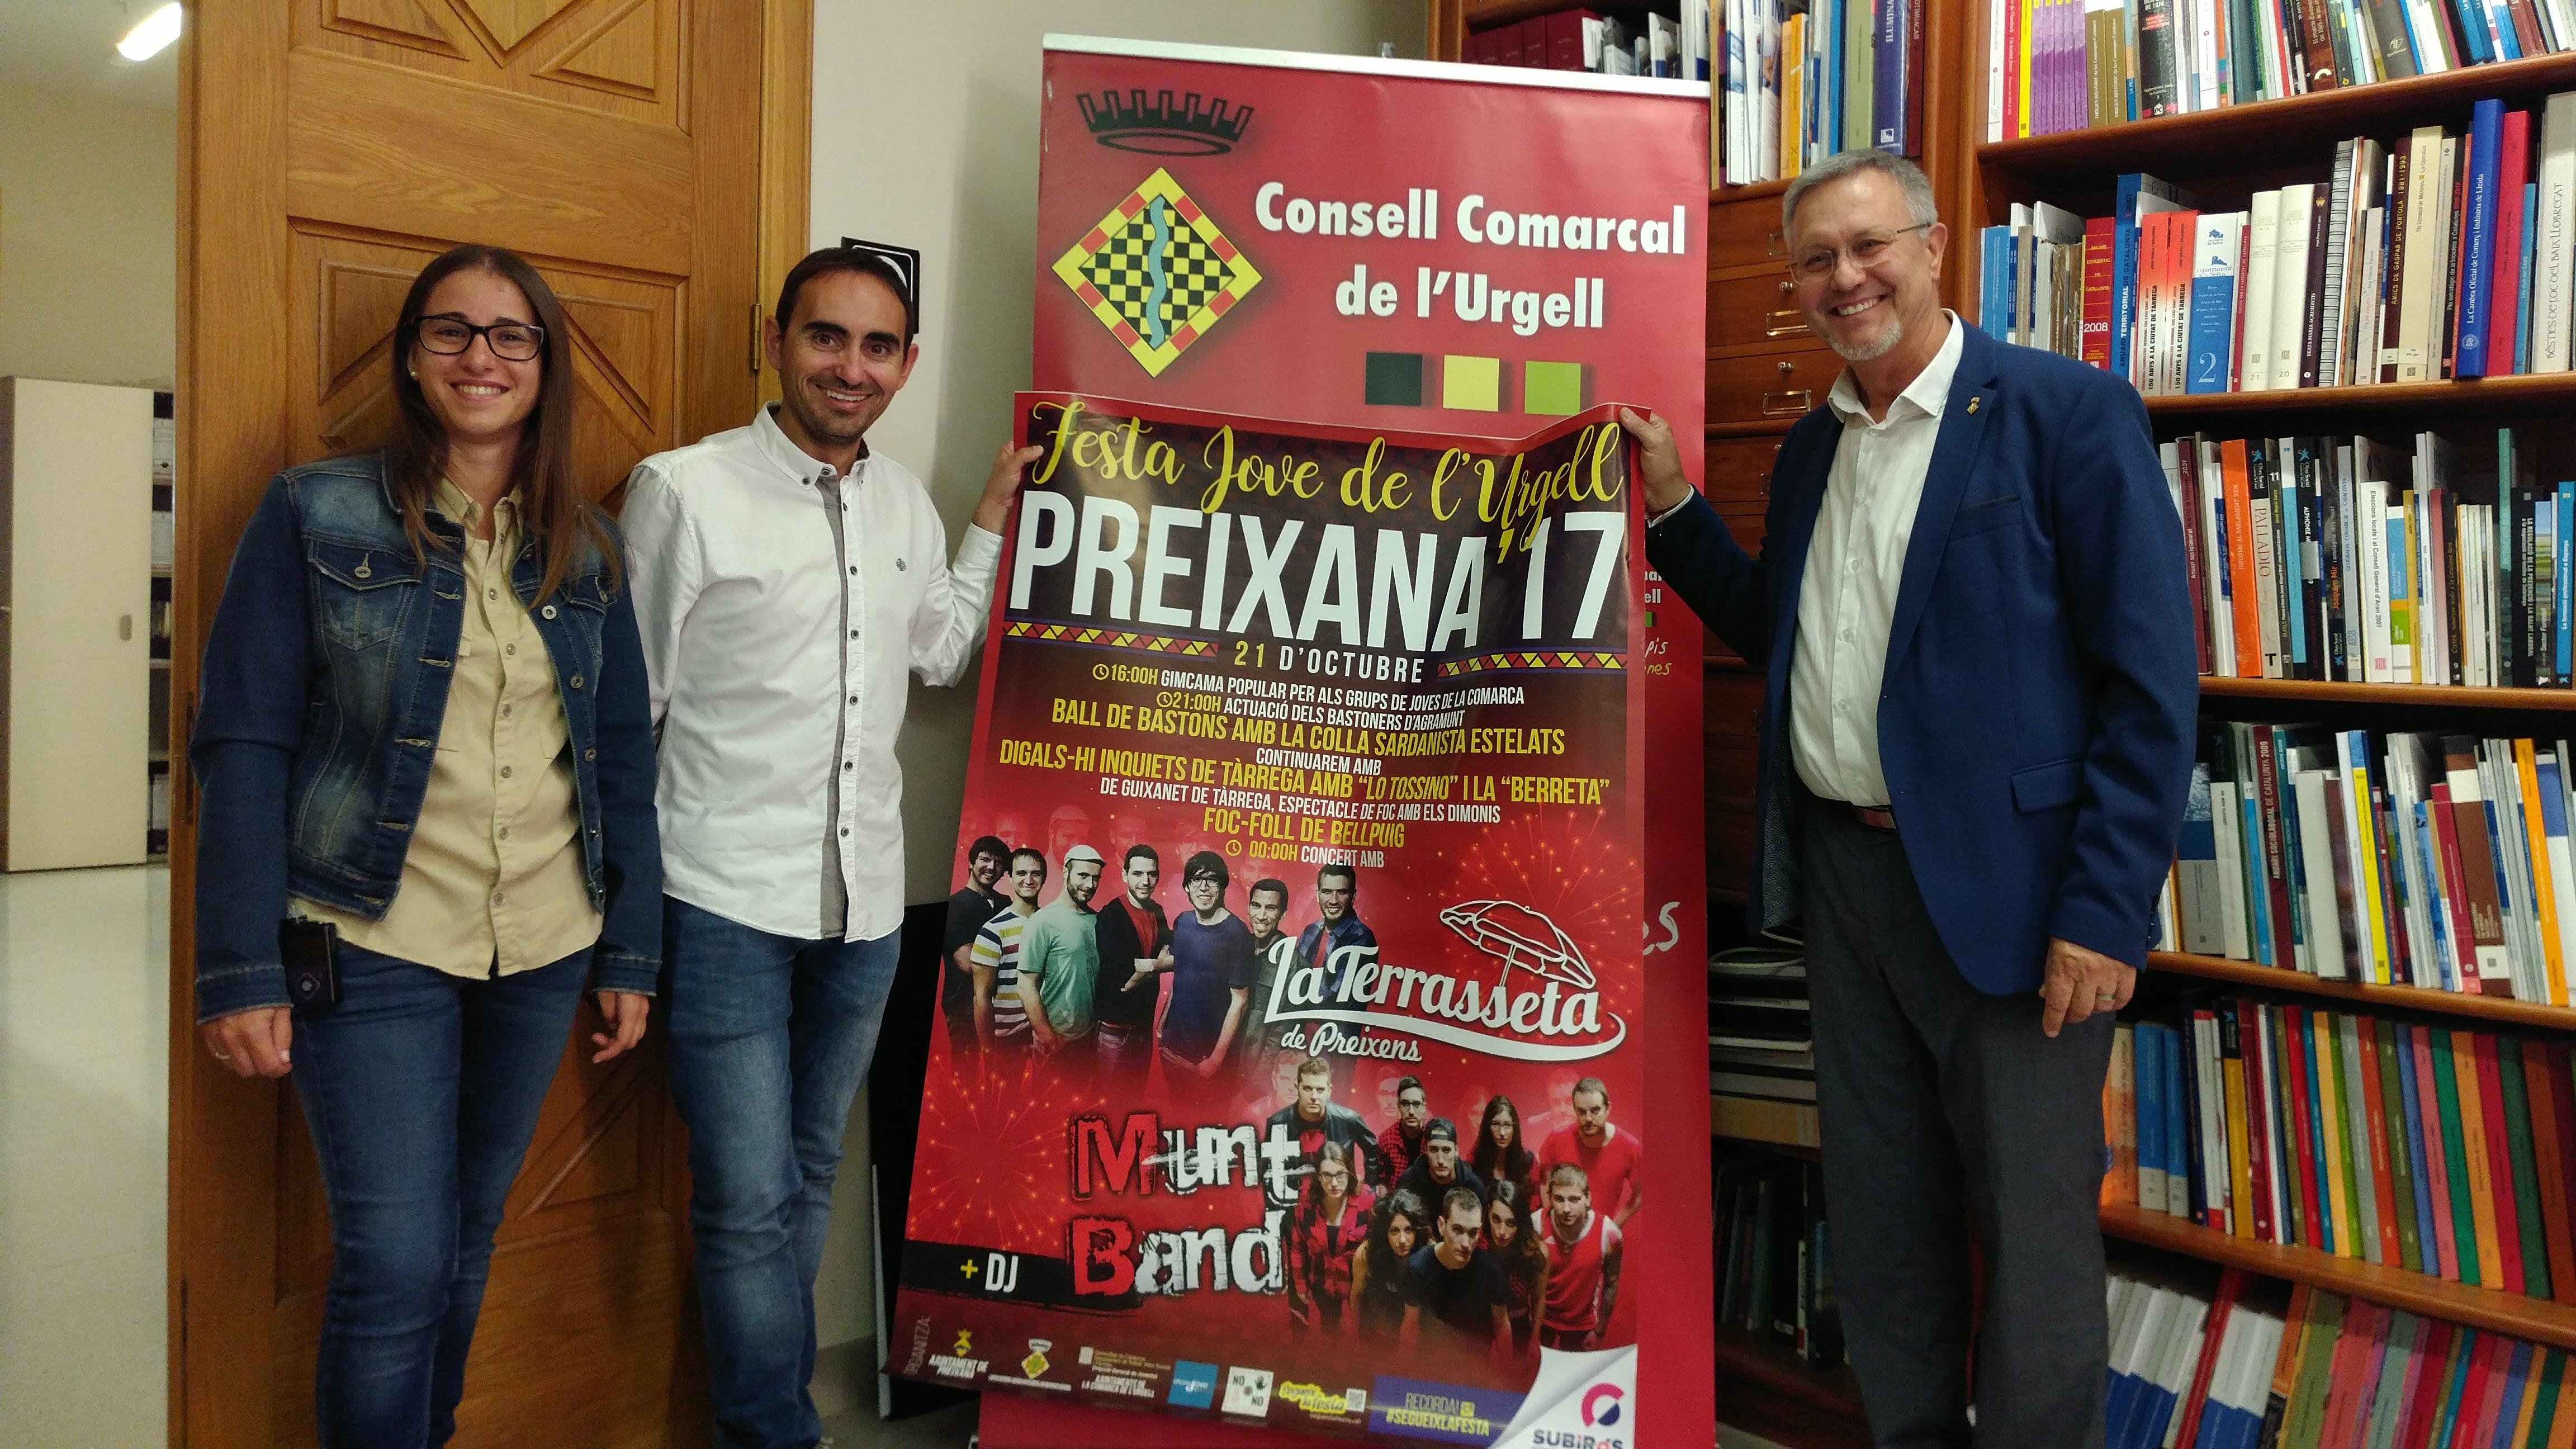 Preixana acollirà la 3a Festa de l'Urgell amb el concert de La Terrasseta de Preixens i Munt Band